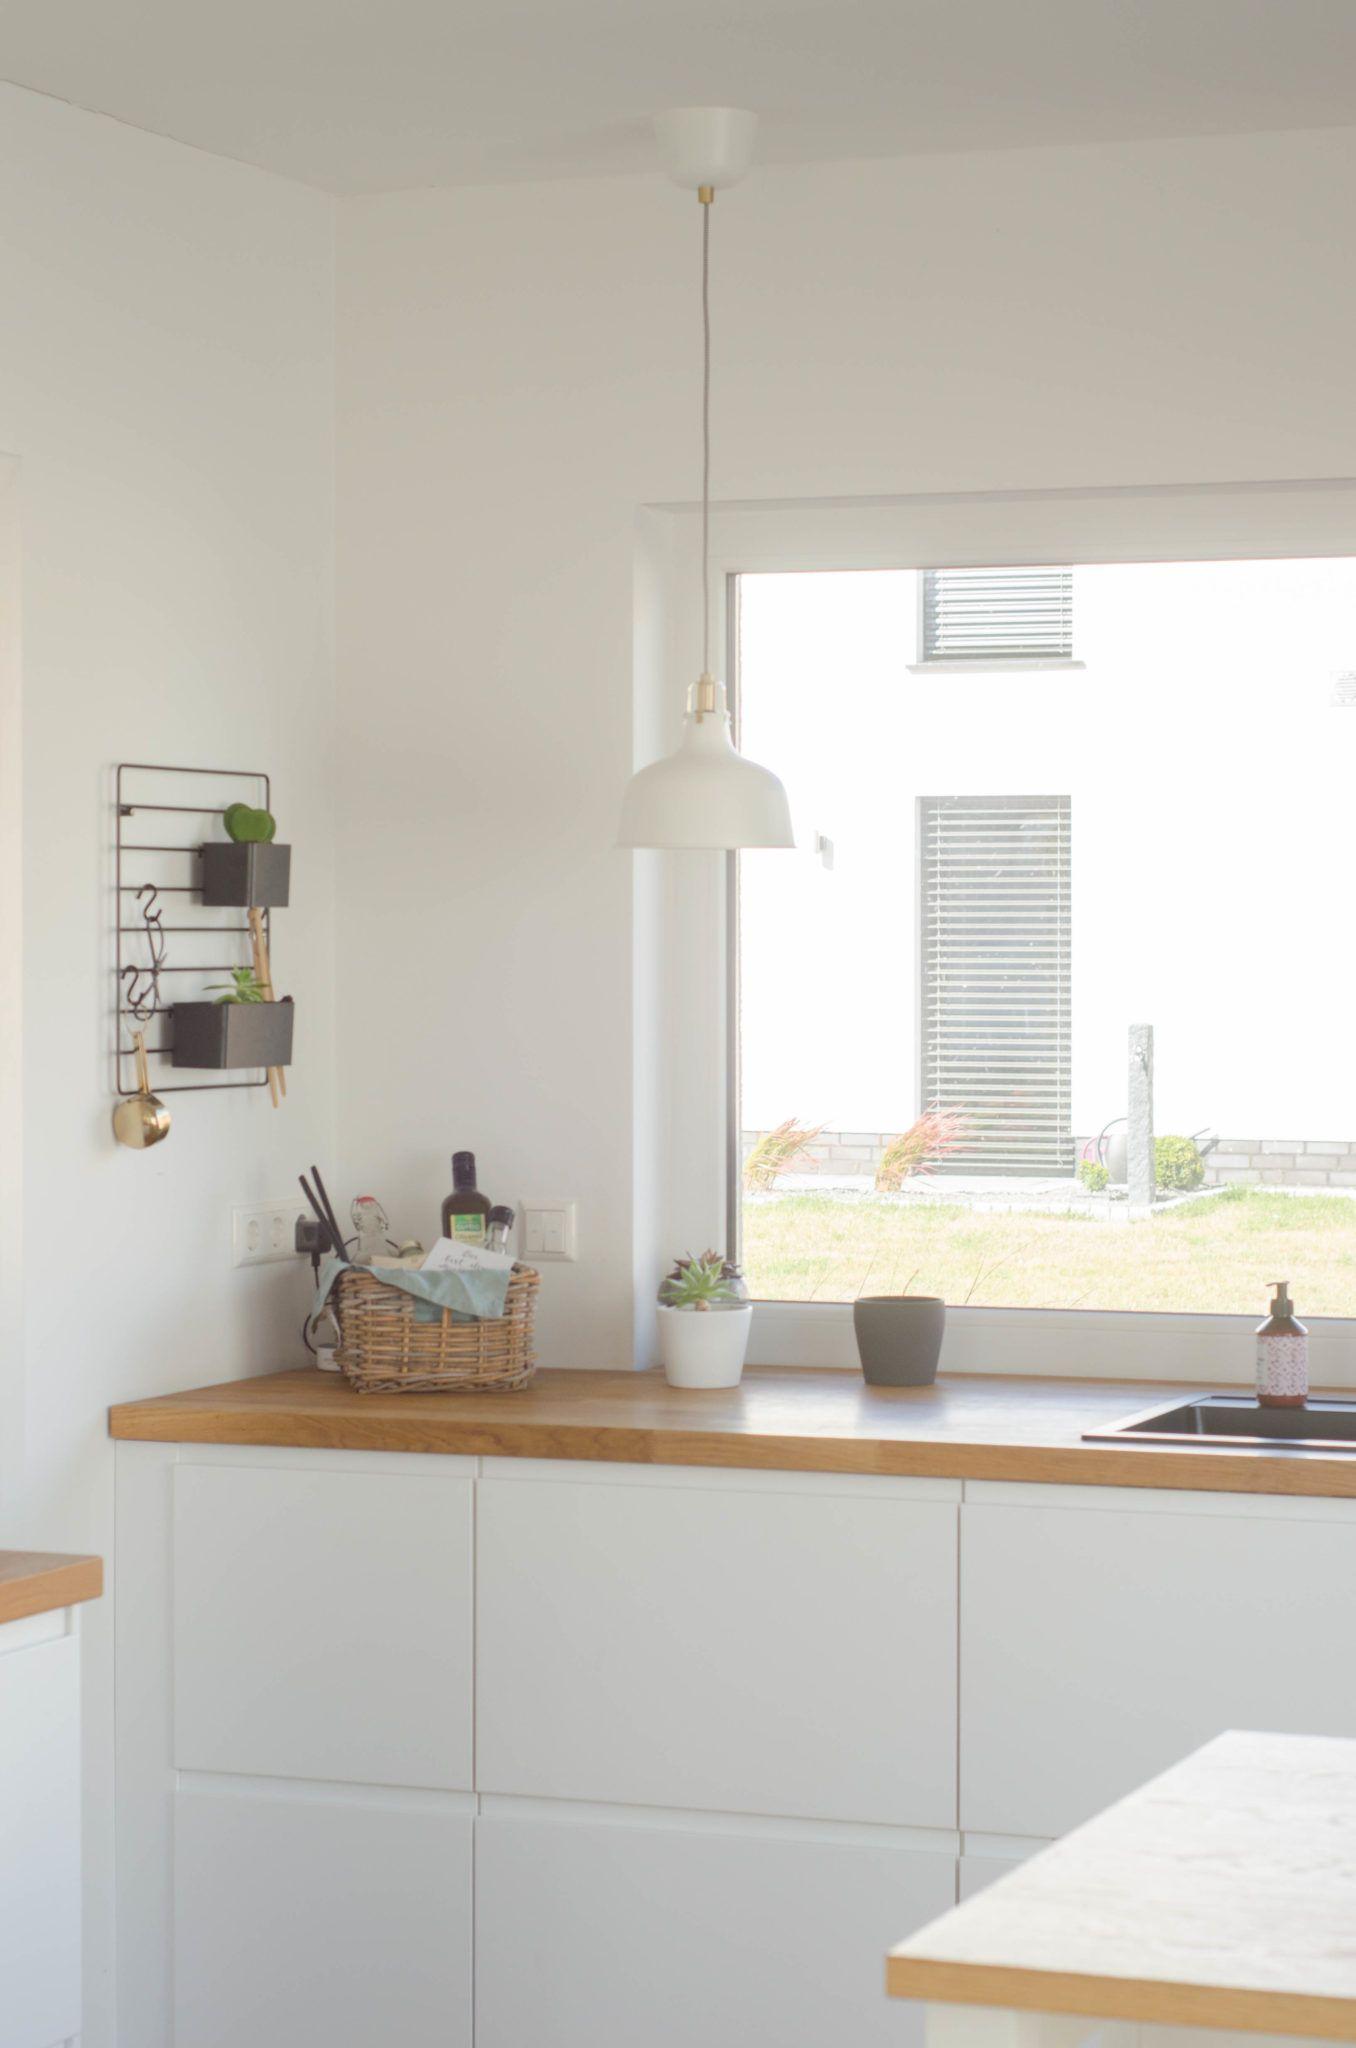 Frau Piepenkoetter I Q&A I Ikea Küche I Fragen und Antworten zu ...